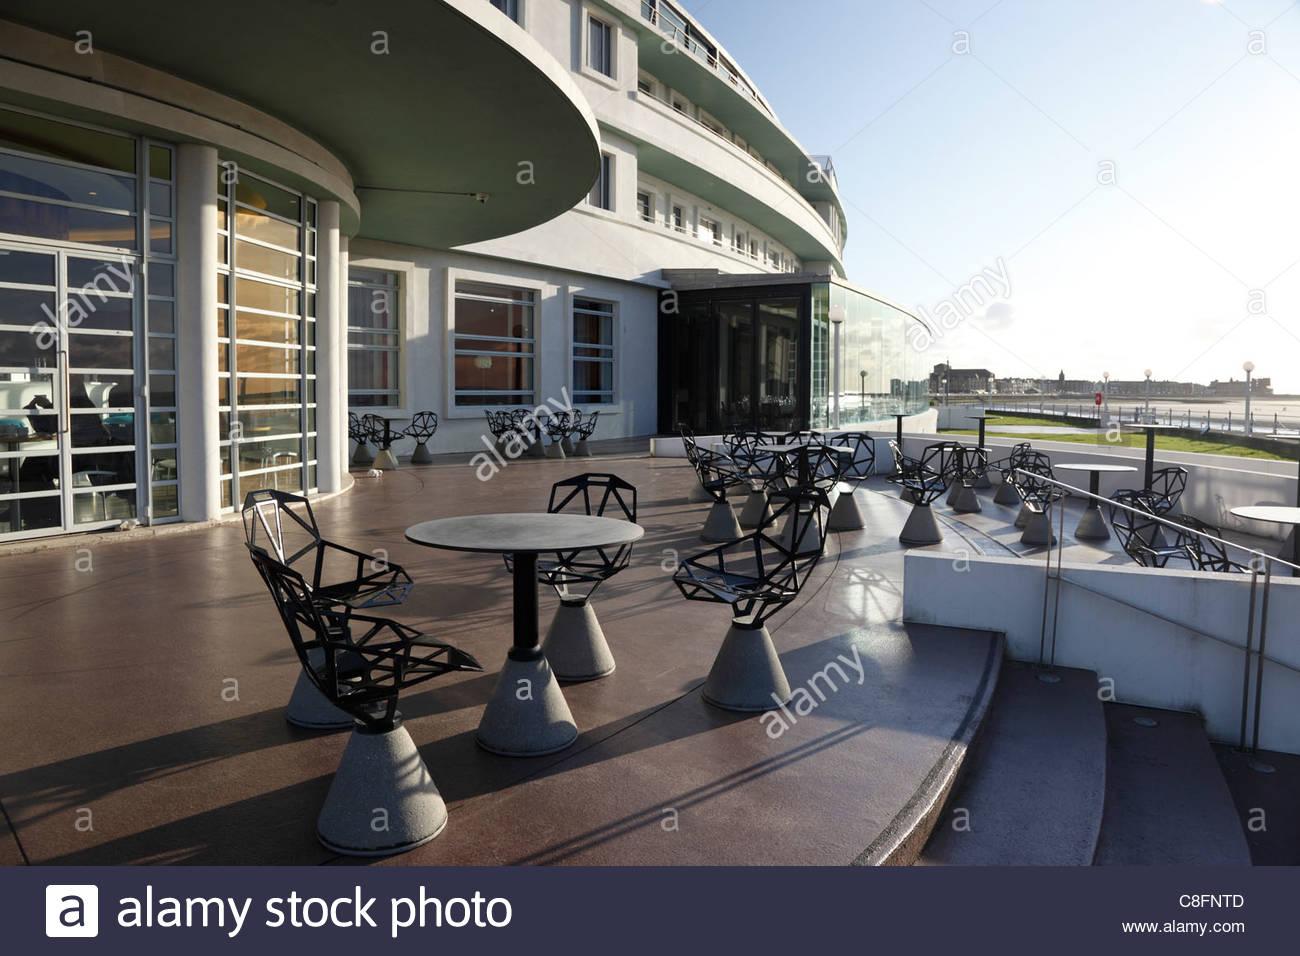 Cafe at the Midland Hotel Morecambe Lancashire England - Stock Image